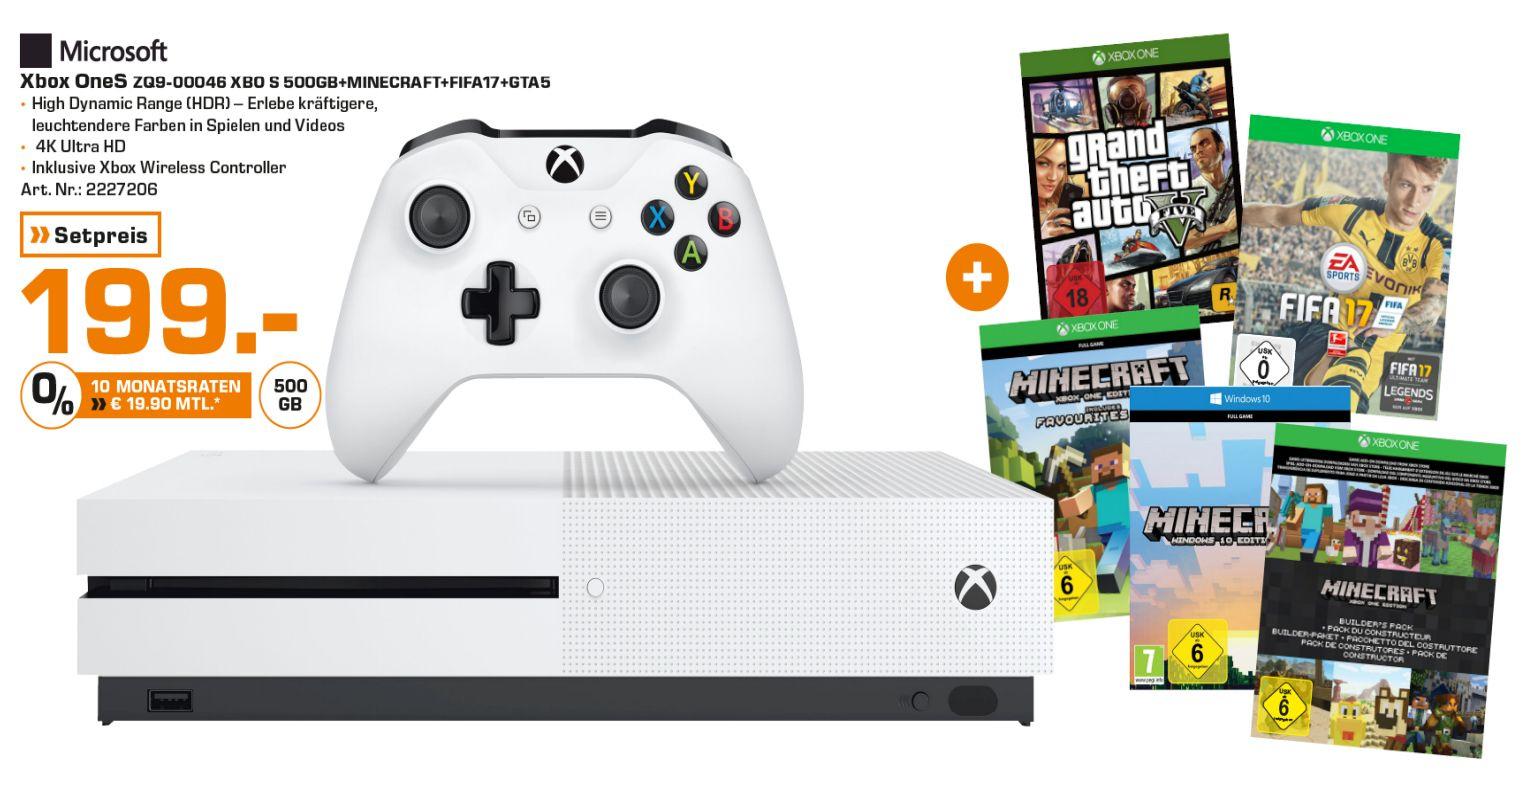 [Lokal Saturn Freiburg] Xbox One s mit 500GB als Minecraft Bundle inc. Fifa17 und GTA 5 für 199,-€